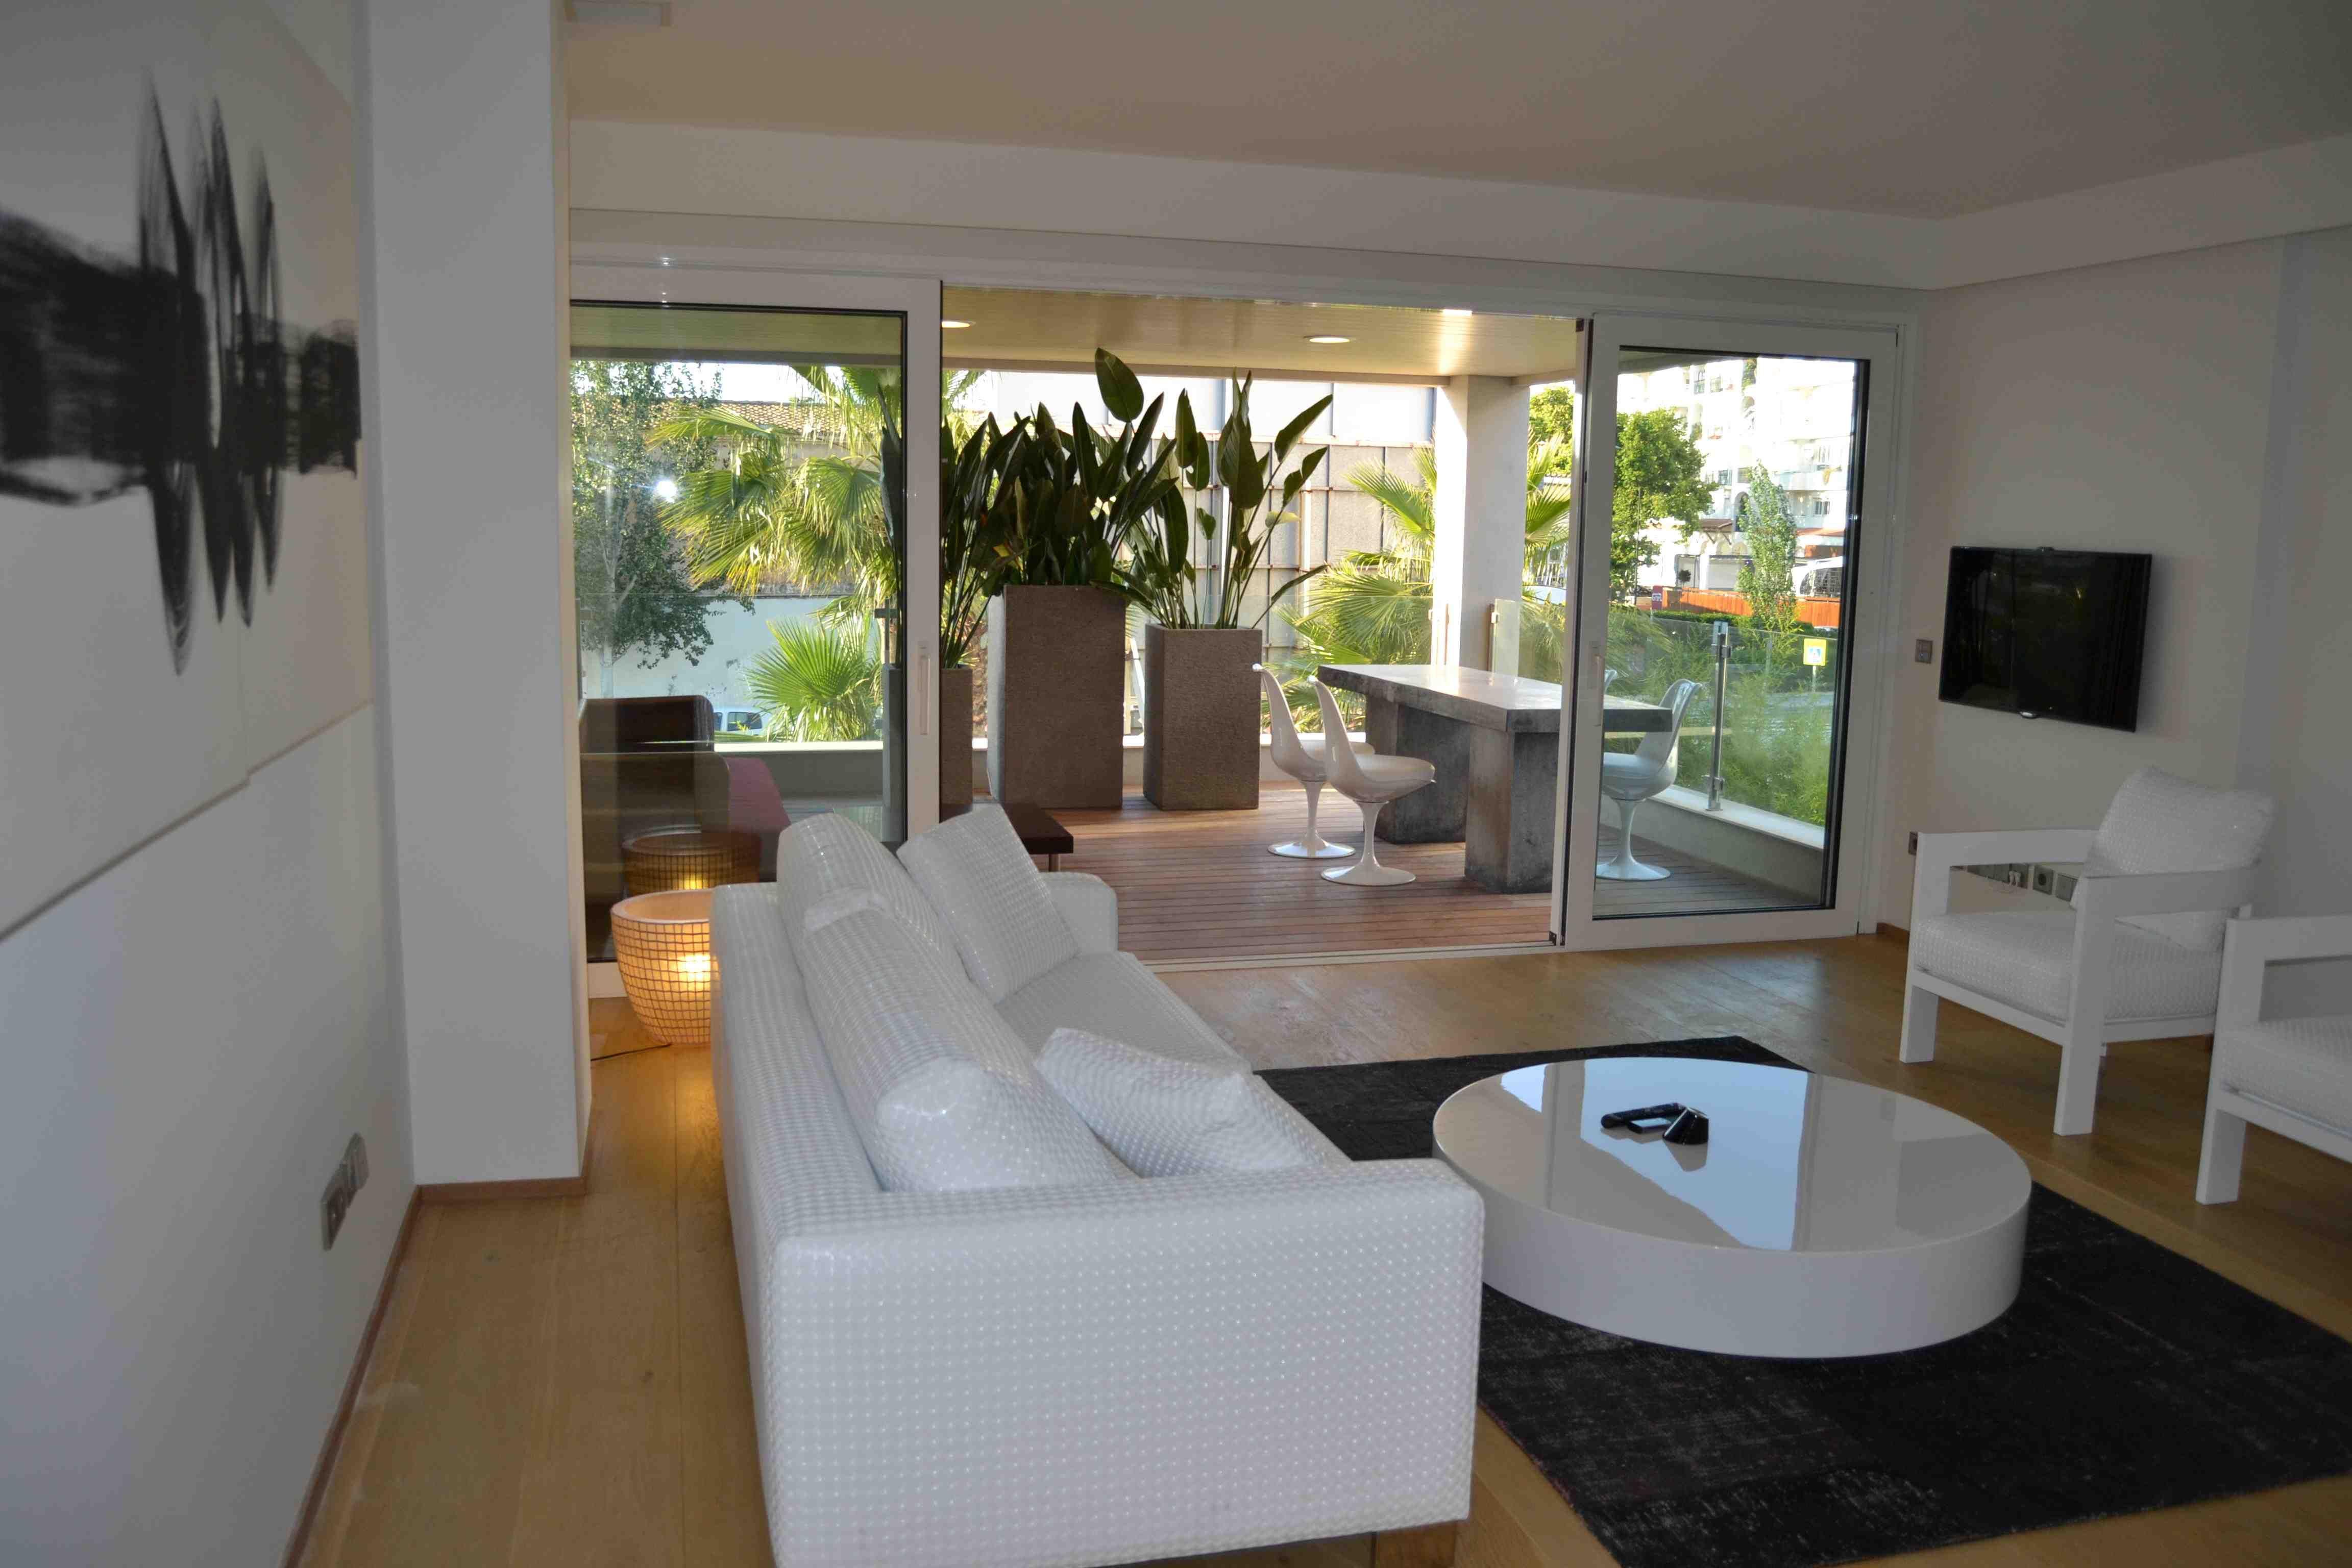 Wohnzimmer Luxus ~ Wohnzimmer luxus ferienvermietung